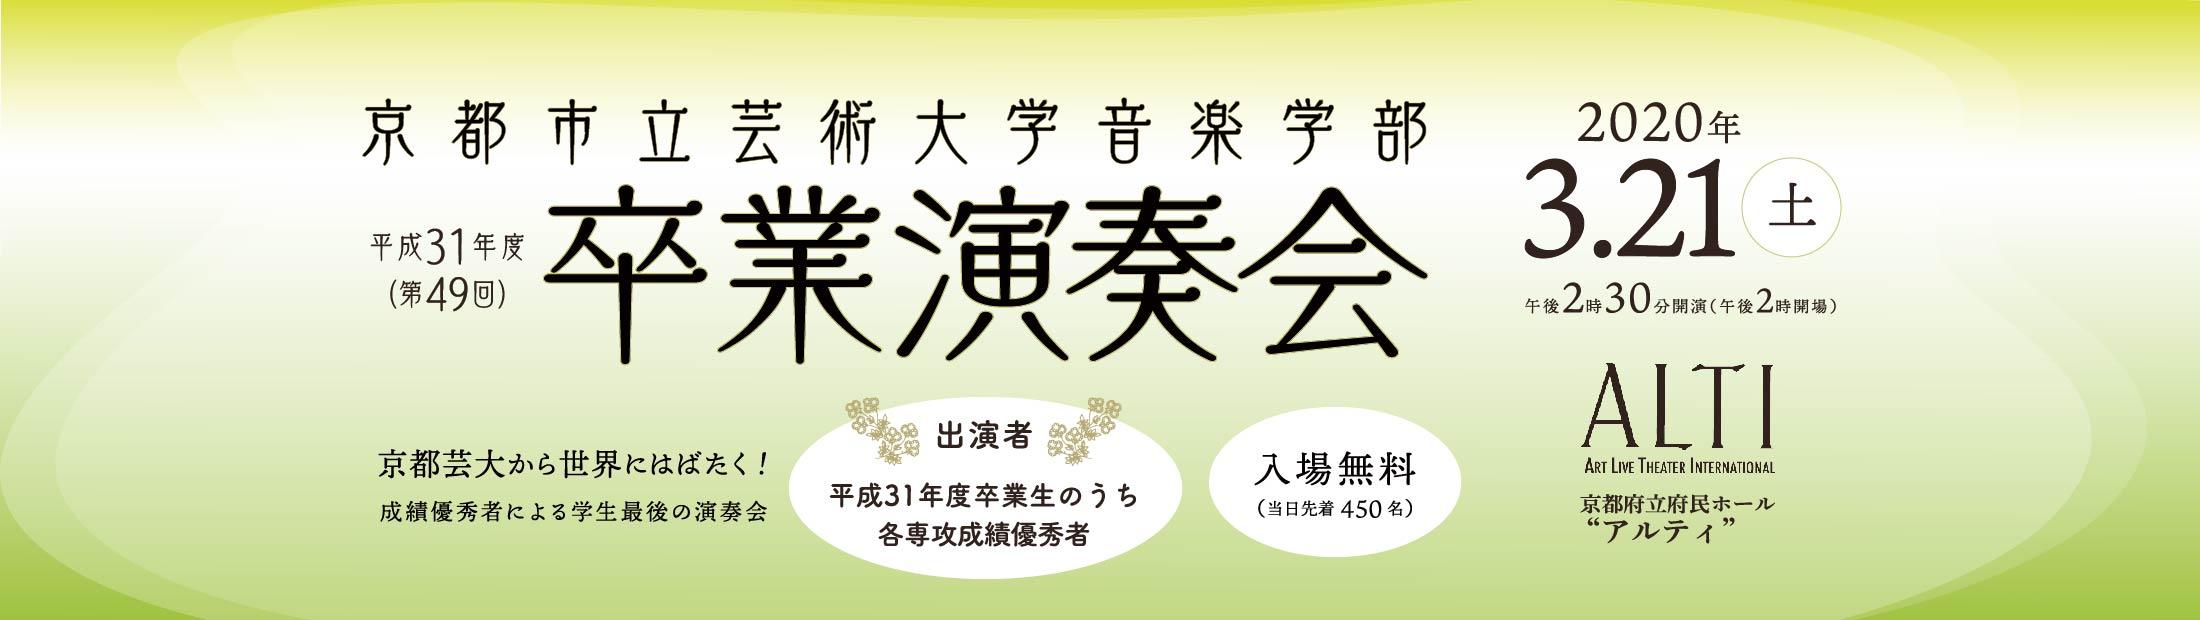 https://www.kcua.ac.jp/20200321_jigyo/